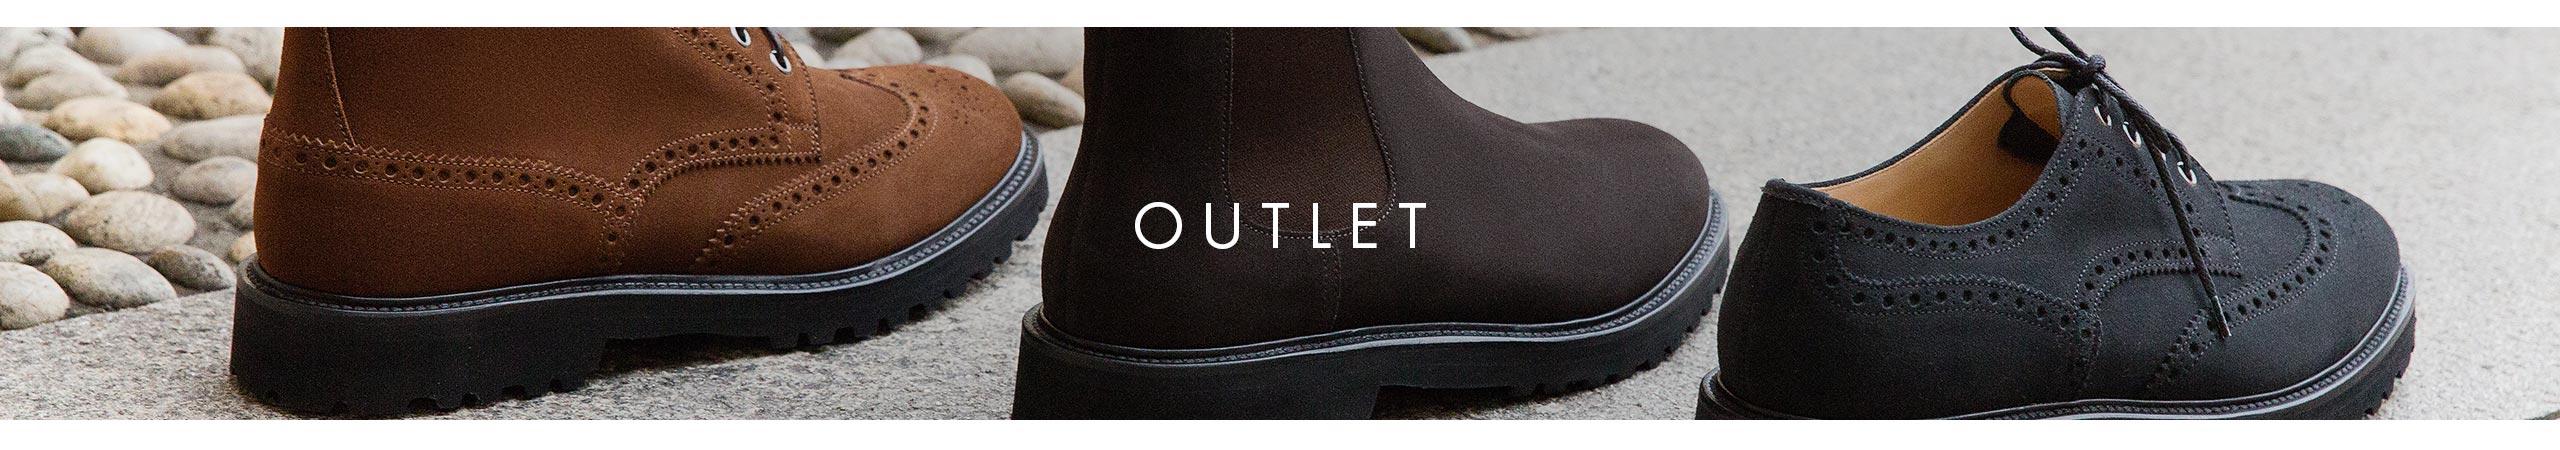 brand new 5800b 7e4cb Outlet - Italienische Stiefel für Herren | Scarosso